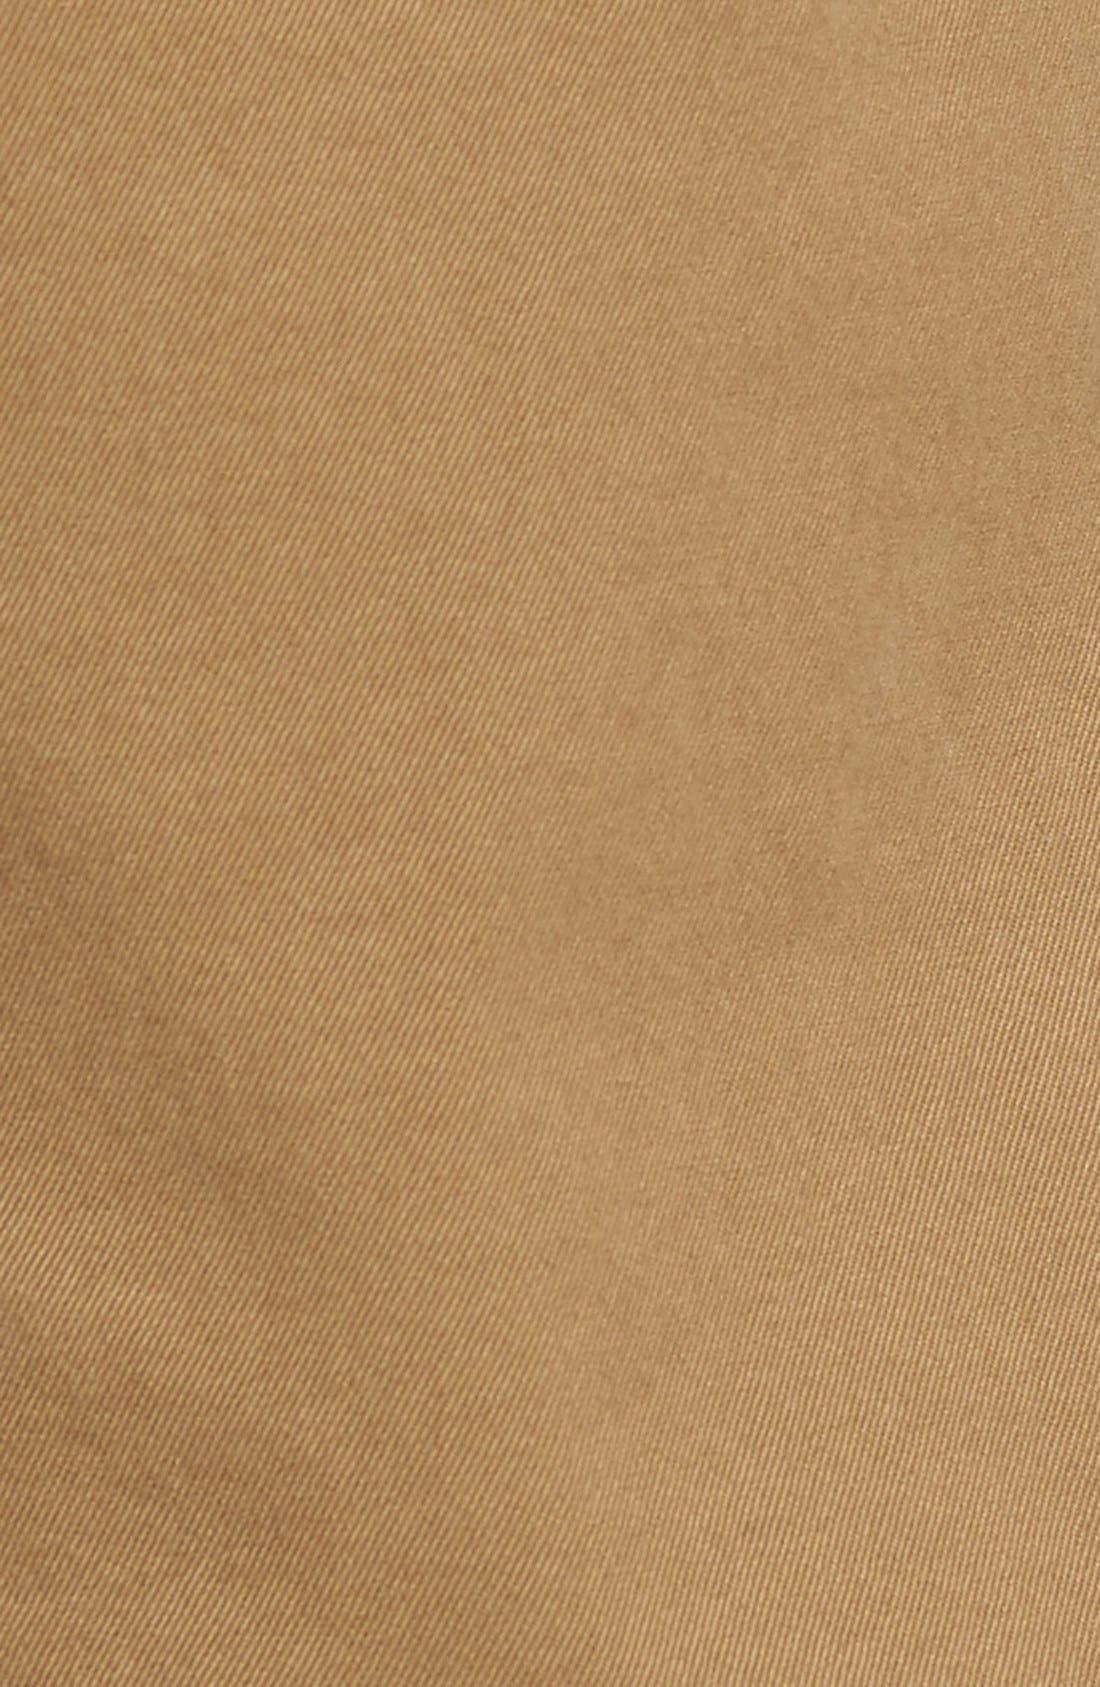 'Matchbox BES' Slim Fit Pants,                             Alternate thumbnail 110, color,